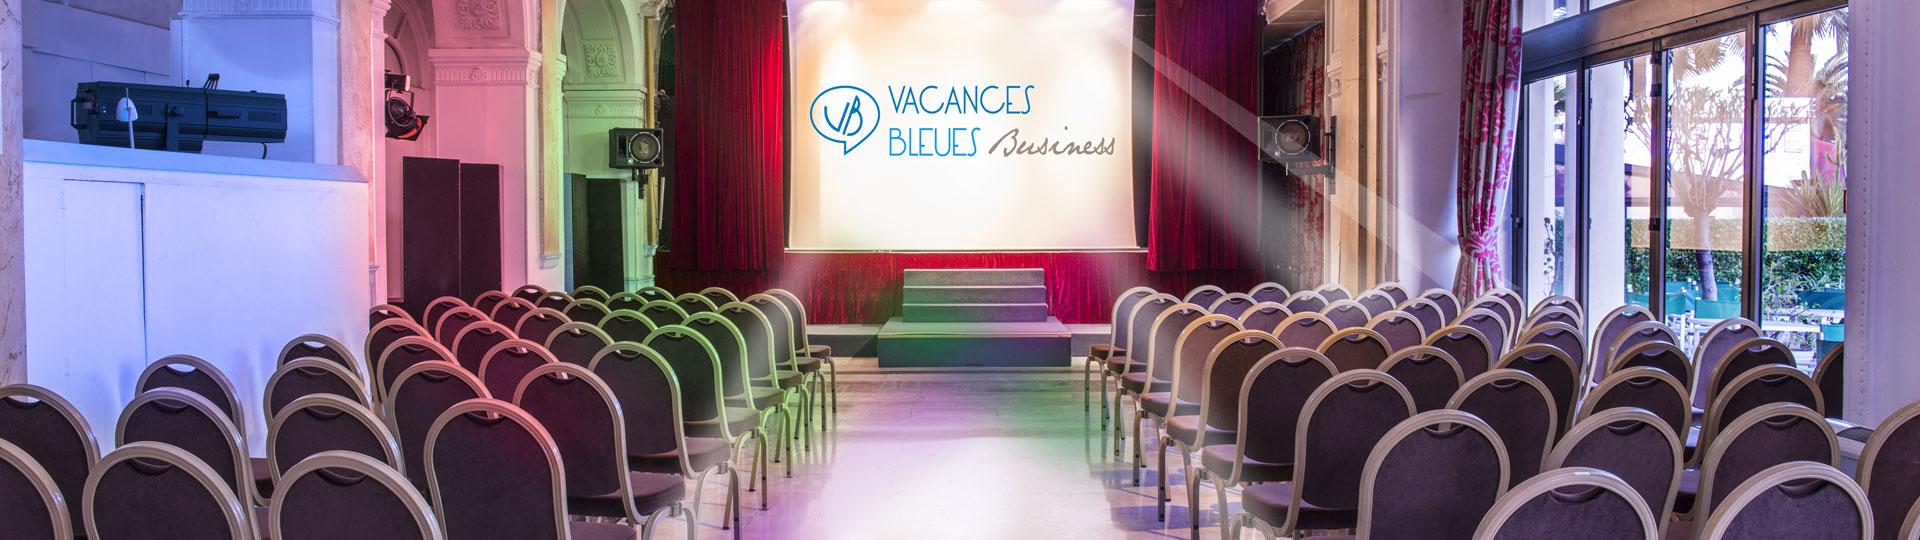 Salle de spectacle de l'hôtel Le Royal à Nice